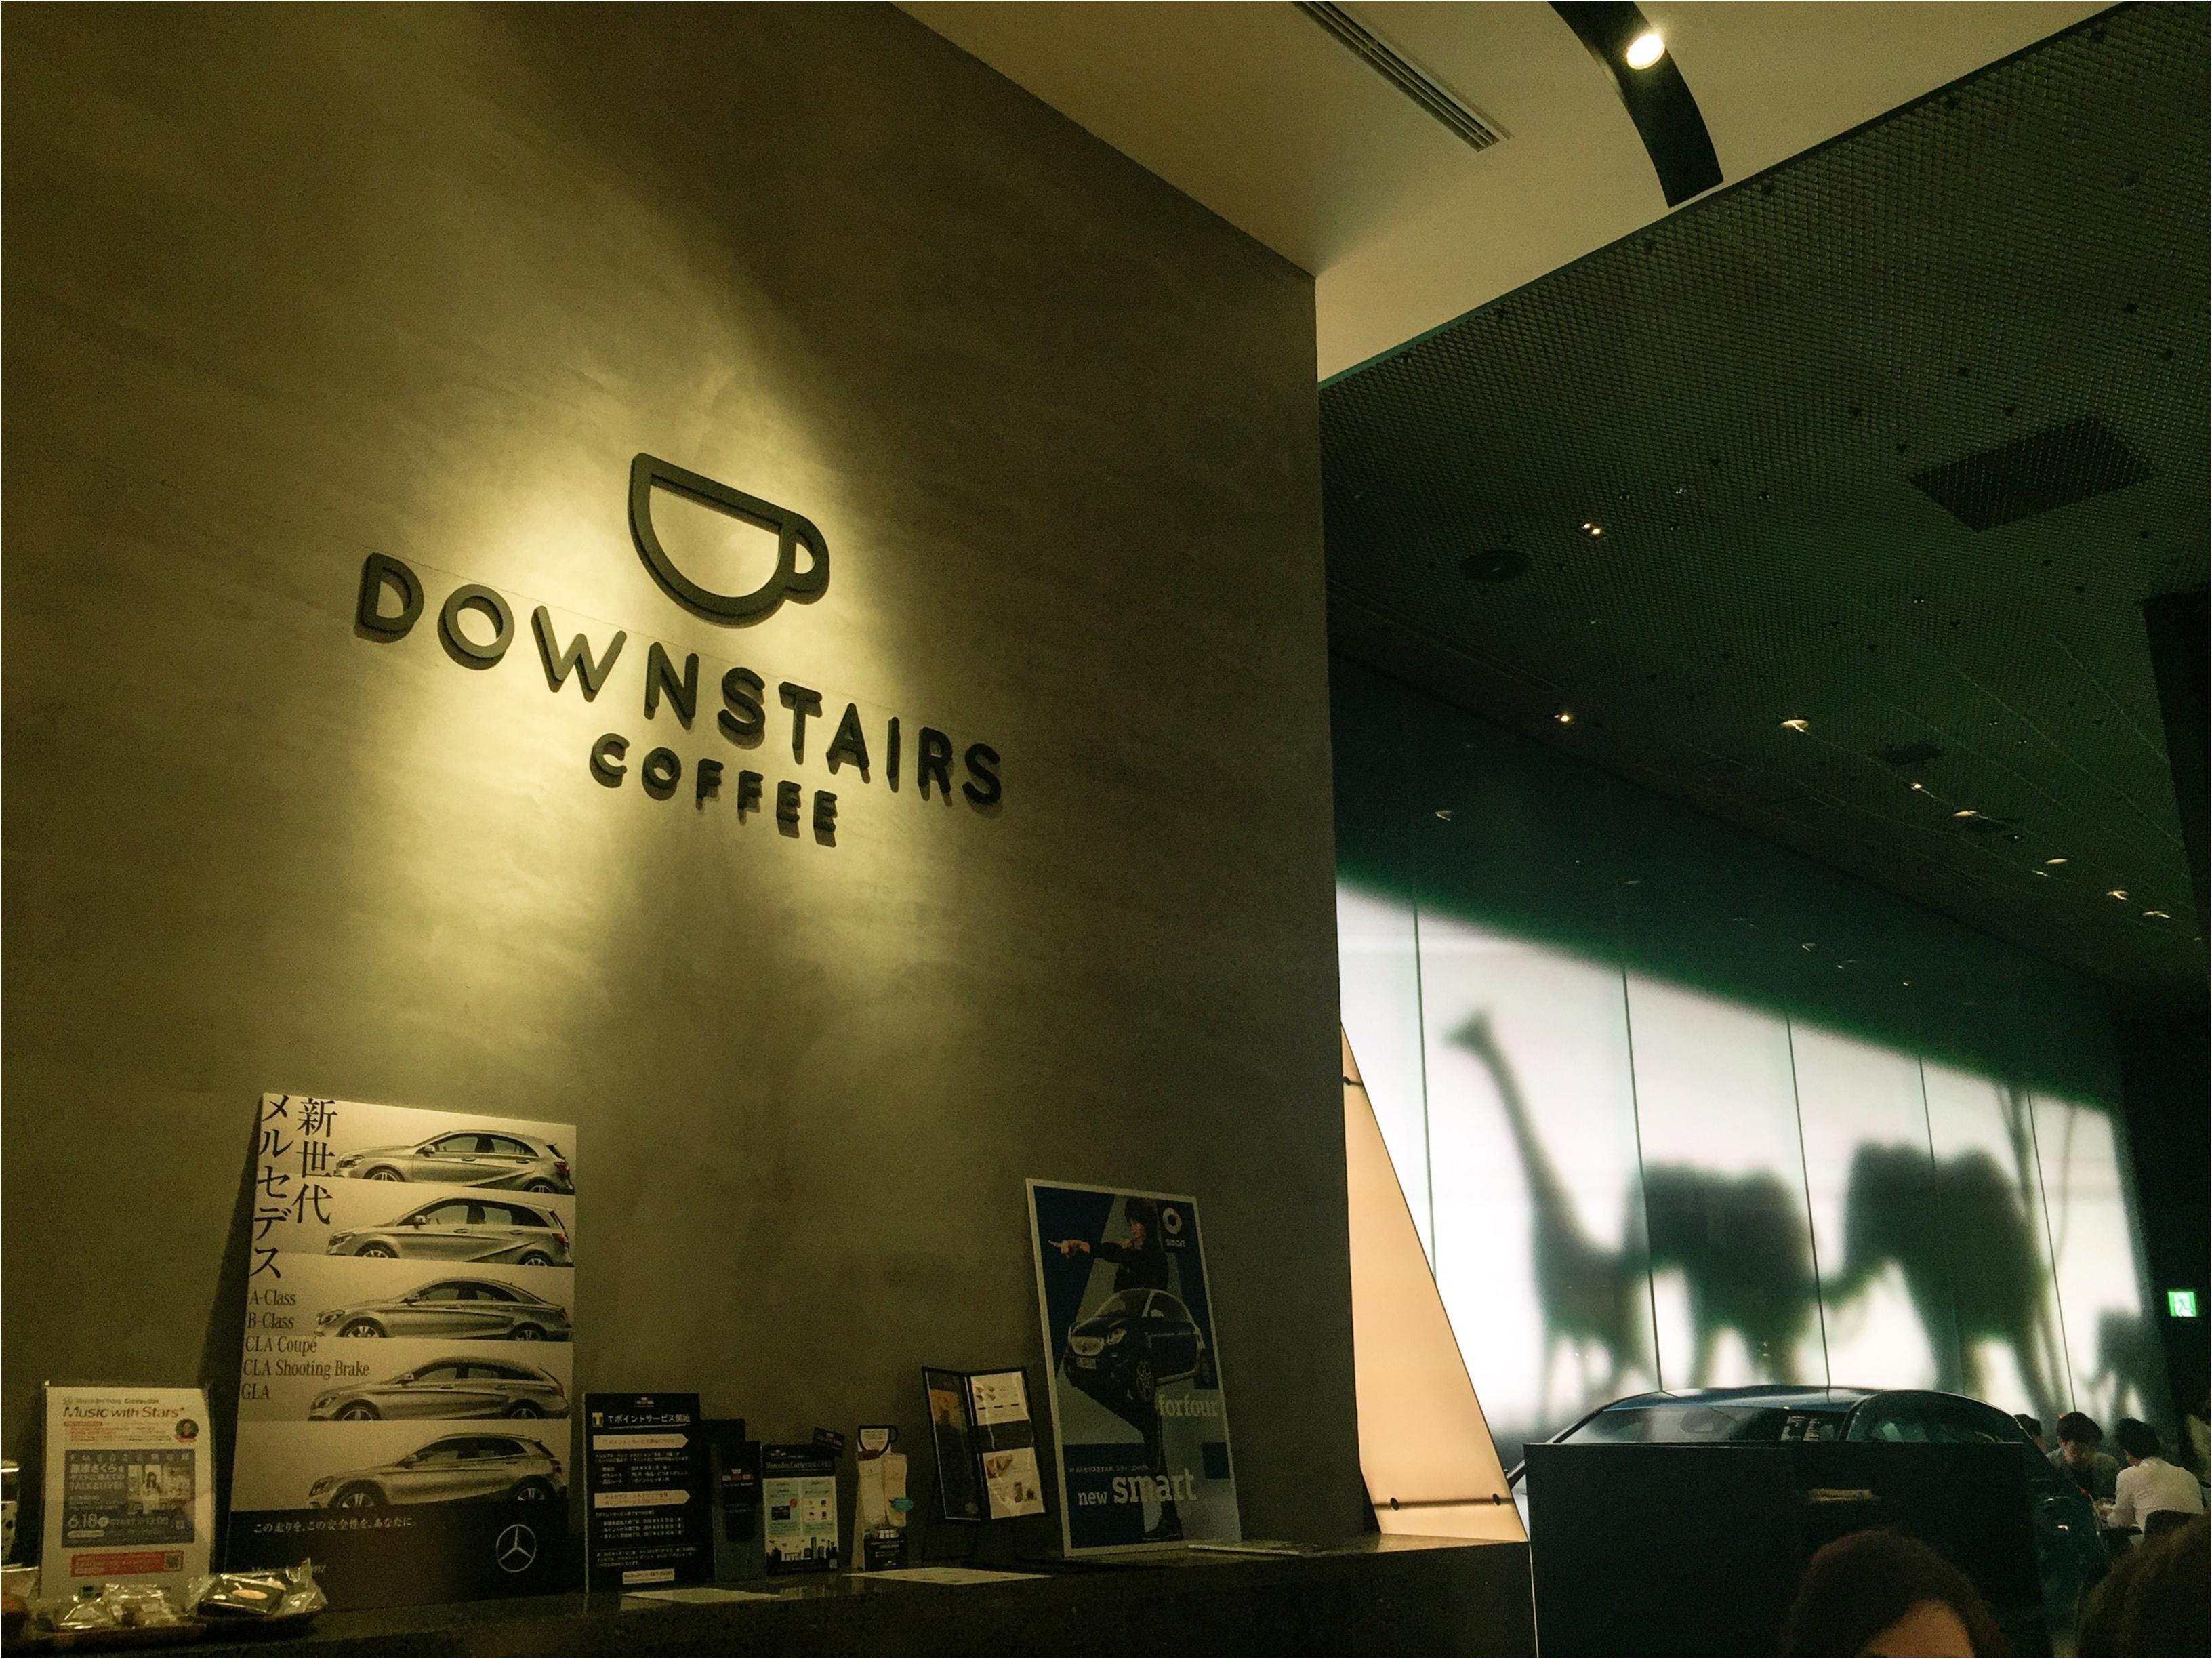 【隠れた人気カフェ】グランフロント大阪 DOWN STAIRS COFFEE【ラテアート✨】_1